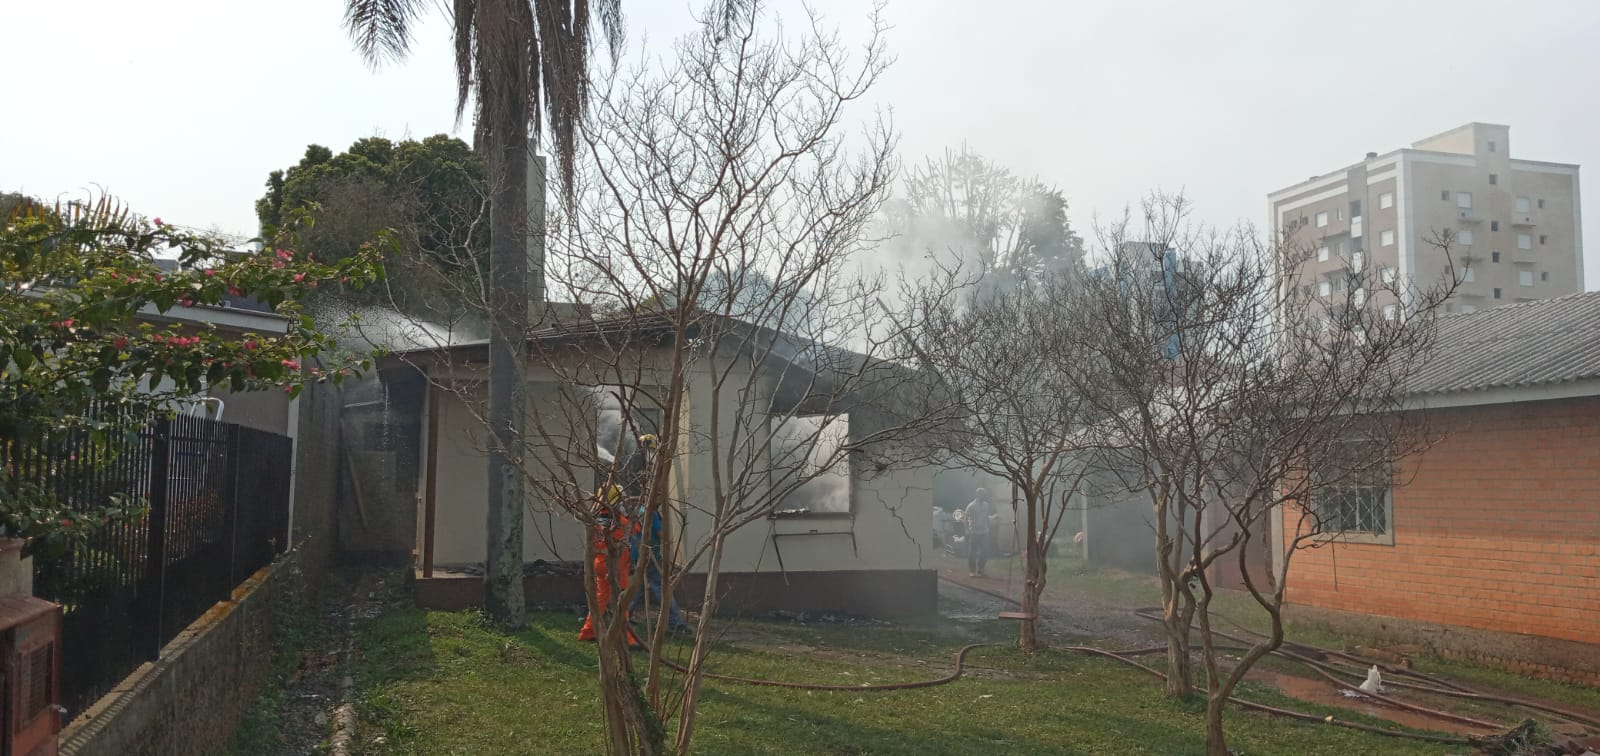 Família perde tudo em incêndio e busca ajuda